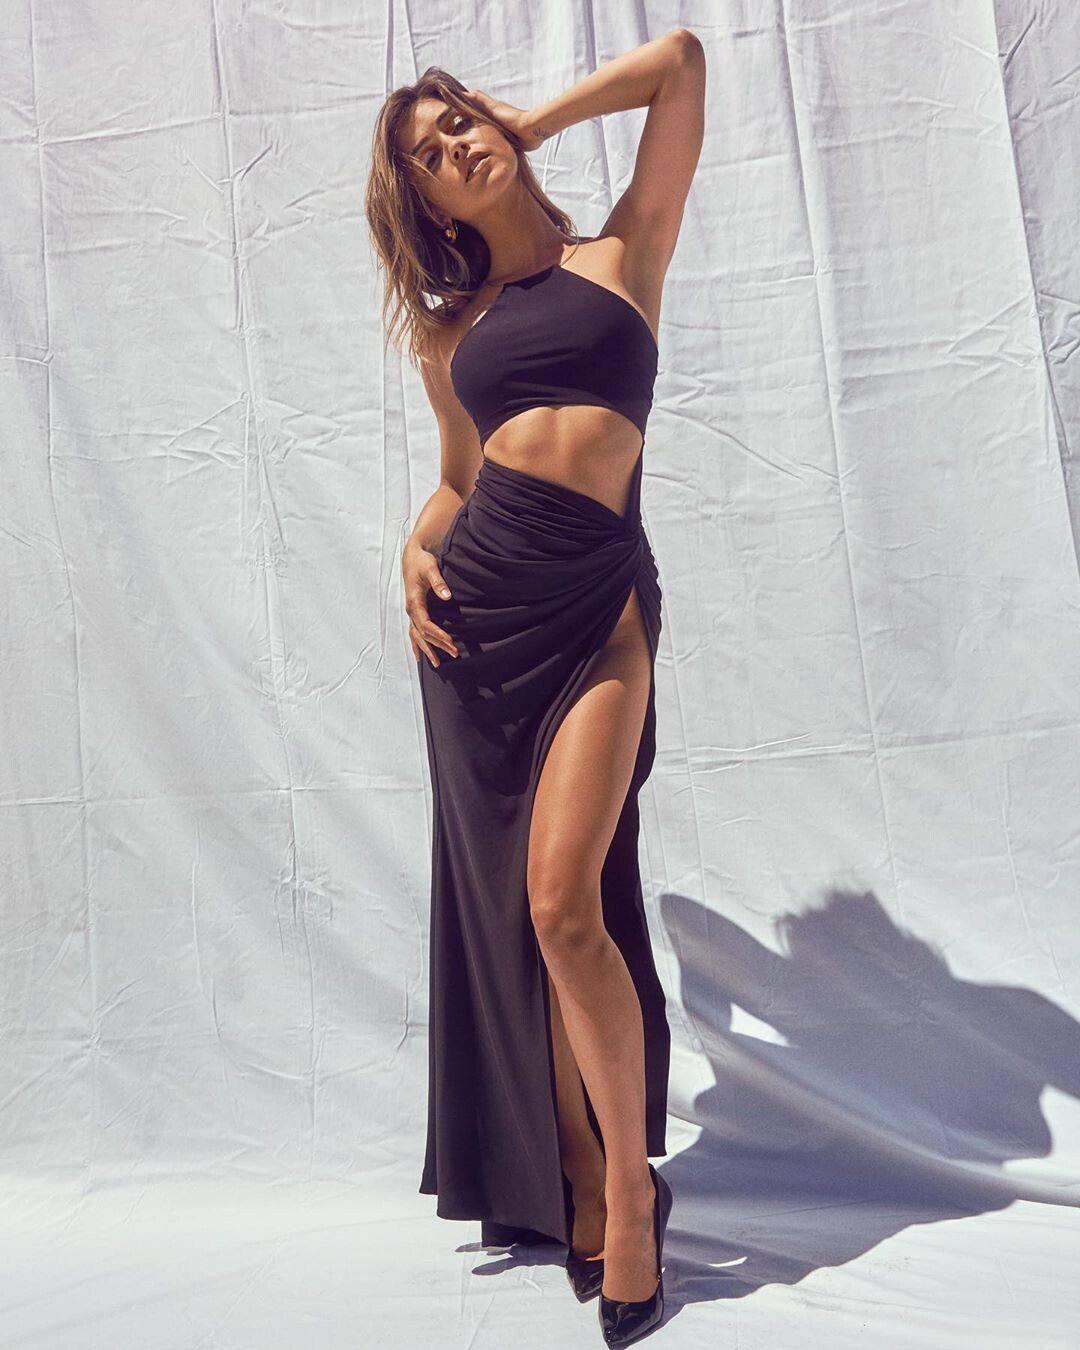 Gigi Paris Sexy Legs